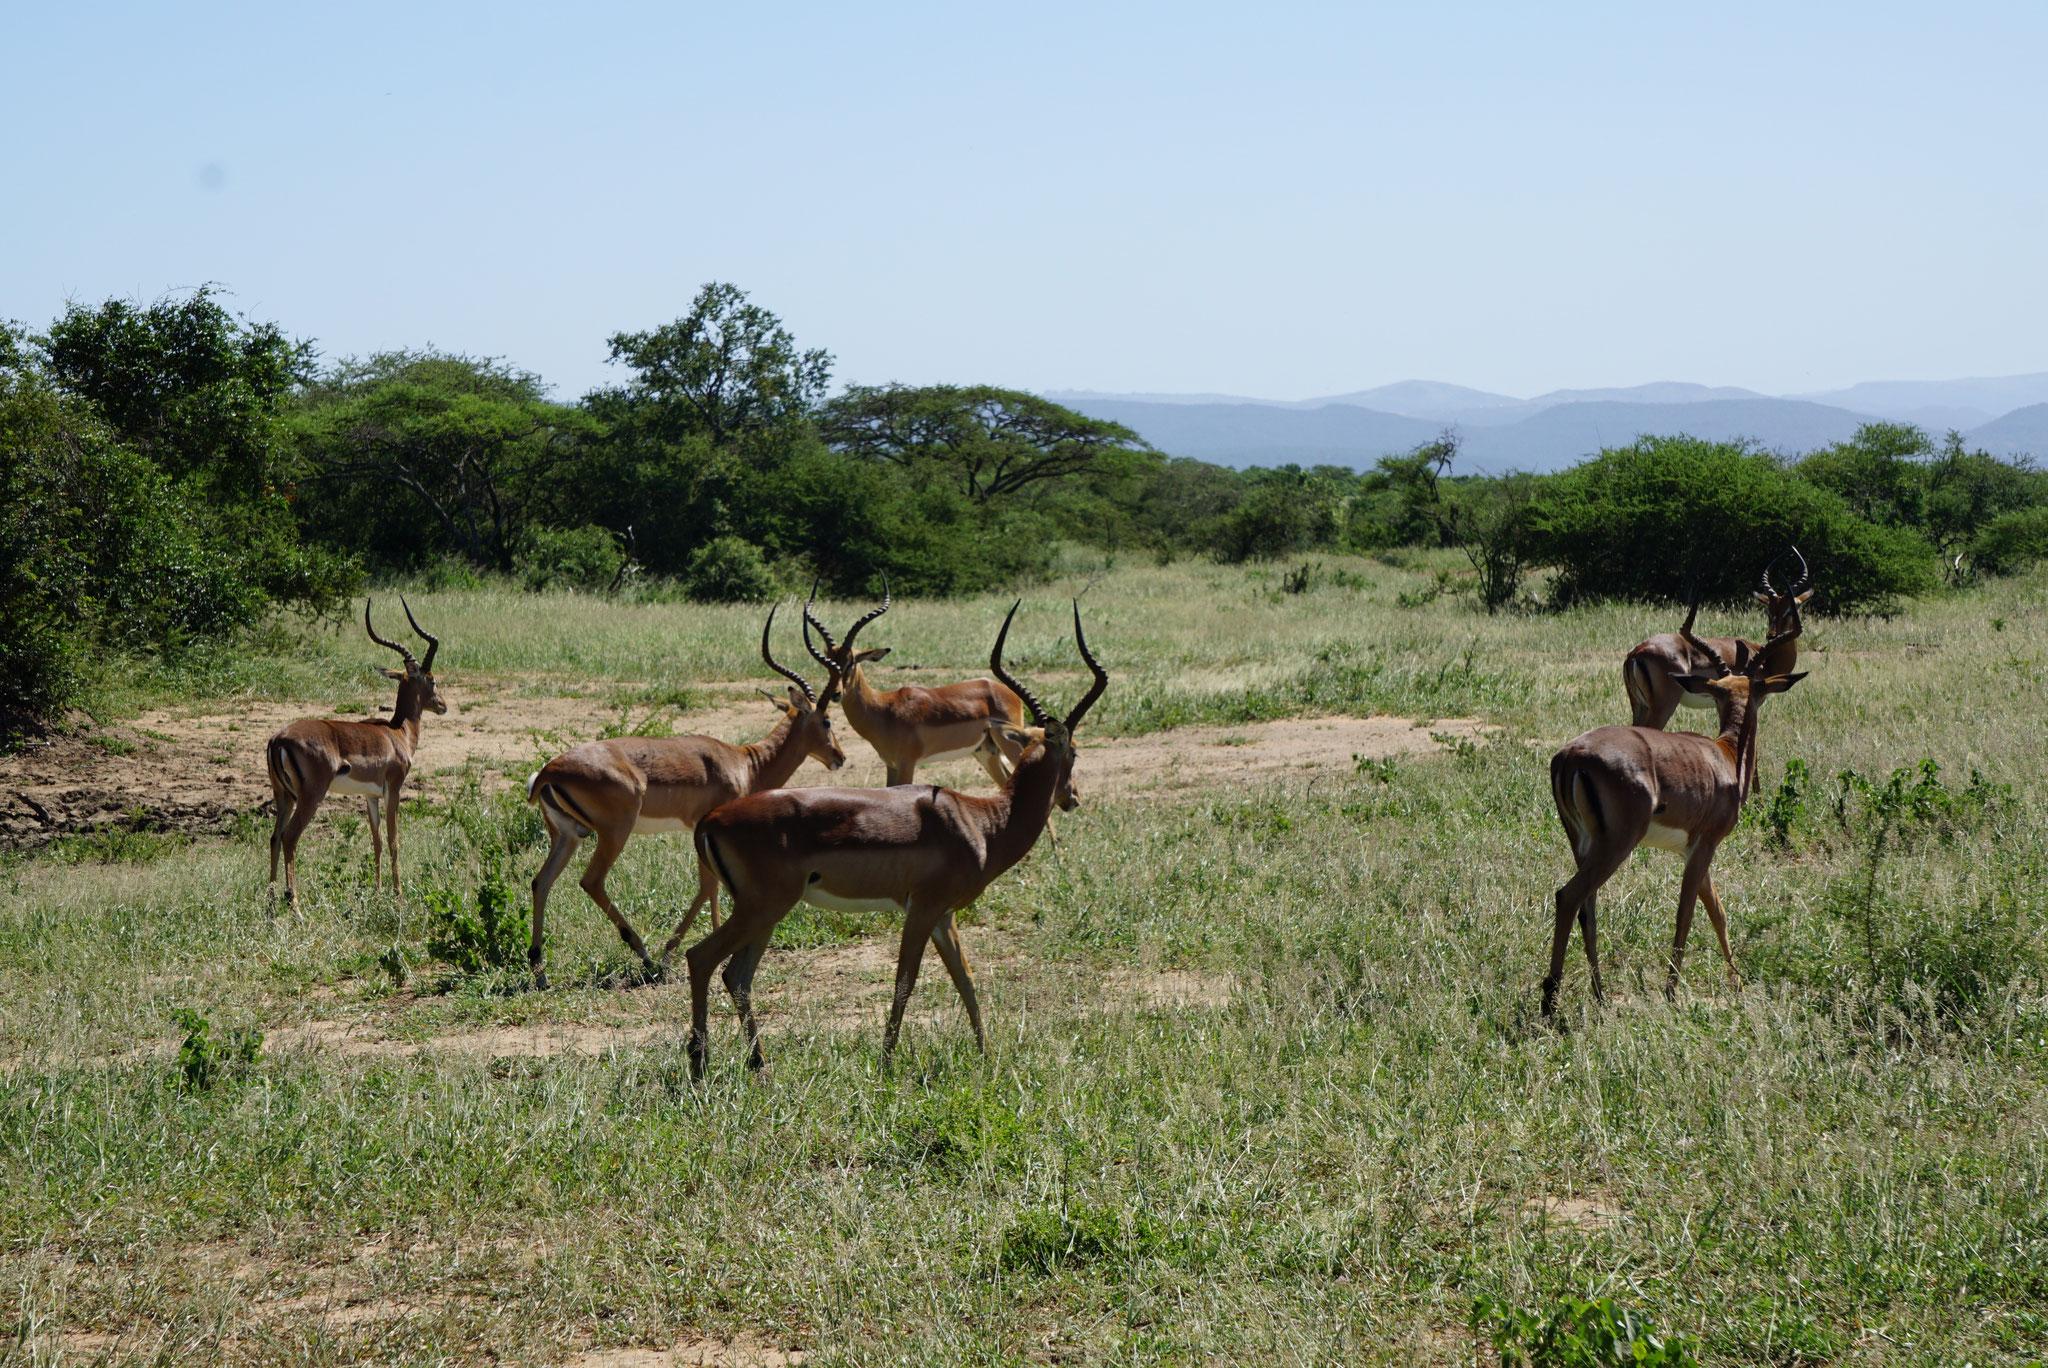 Bild: männliche Antilopen